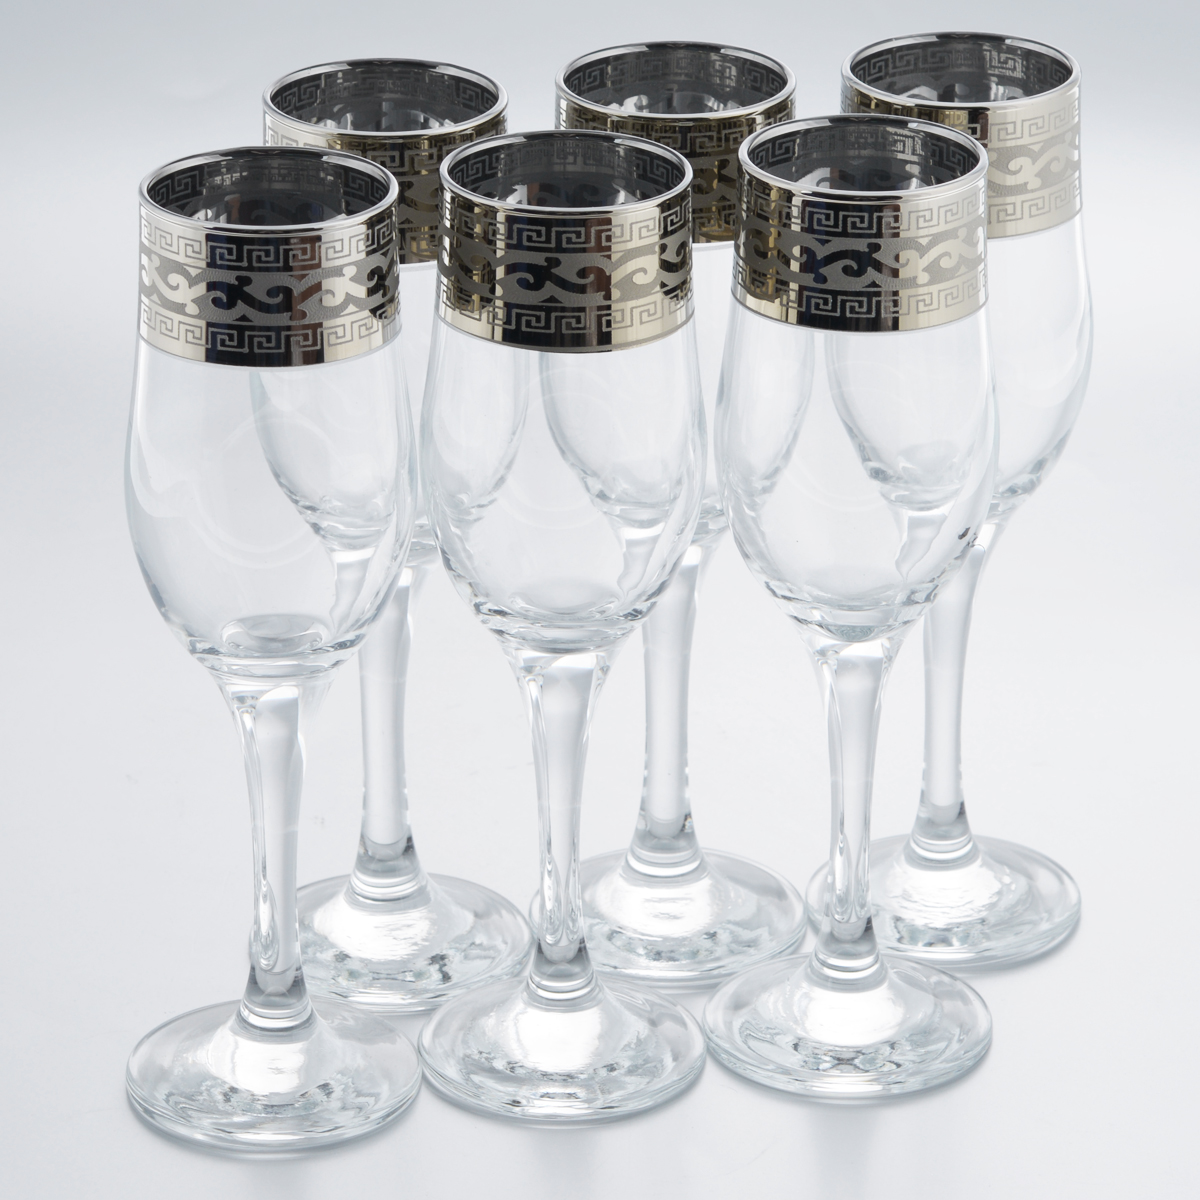 Набор бокалов Гусь-Хрустальный Версаче, 200 мл, 6 шт набор бокалов для бренди гусь хрустальный версаче 400 мл 6 шт